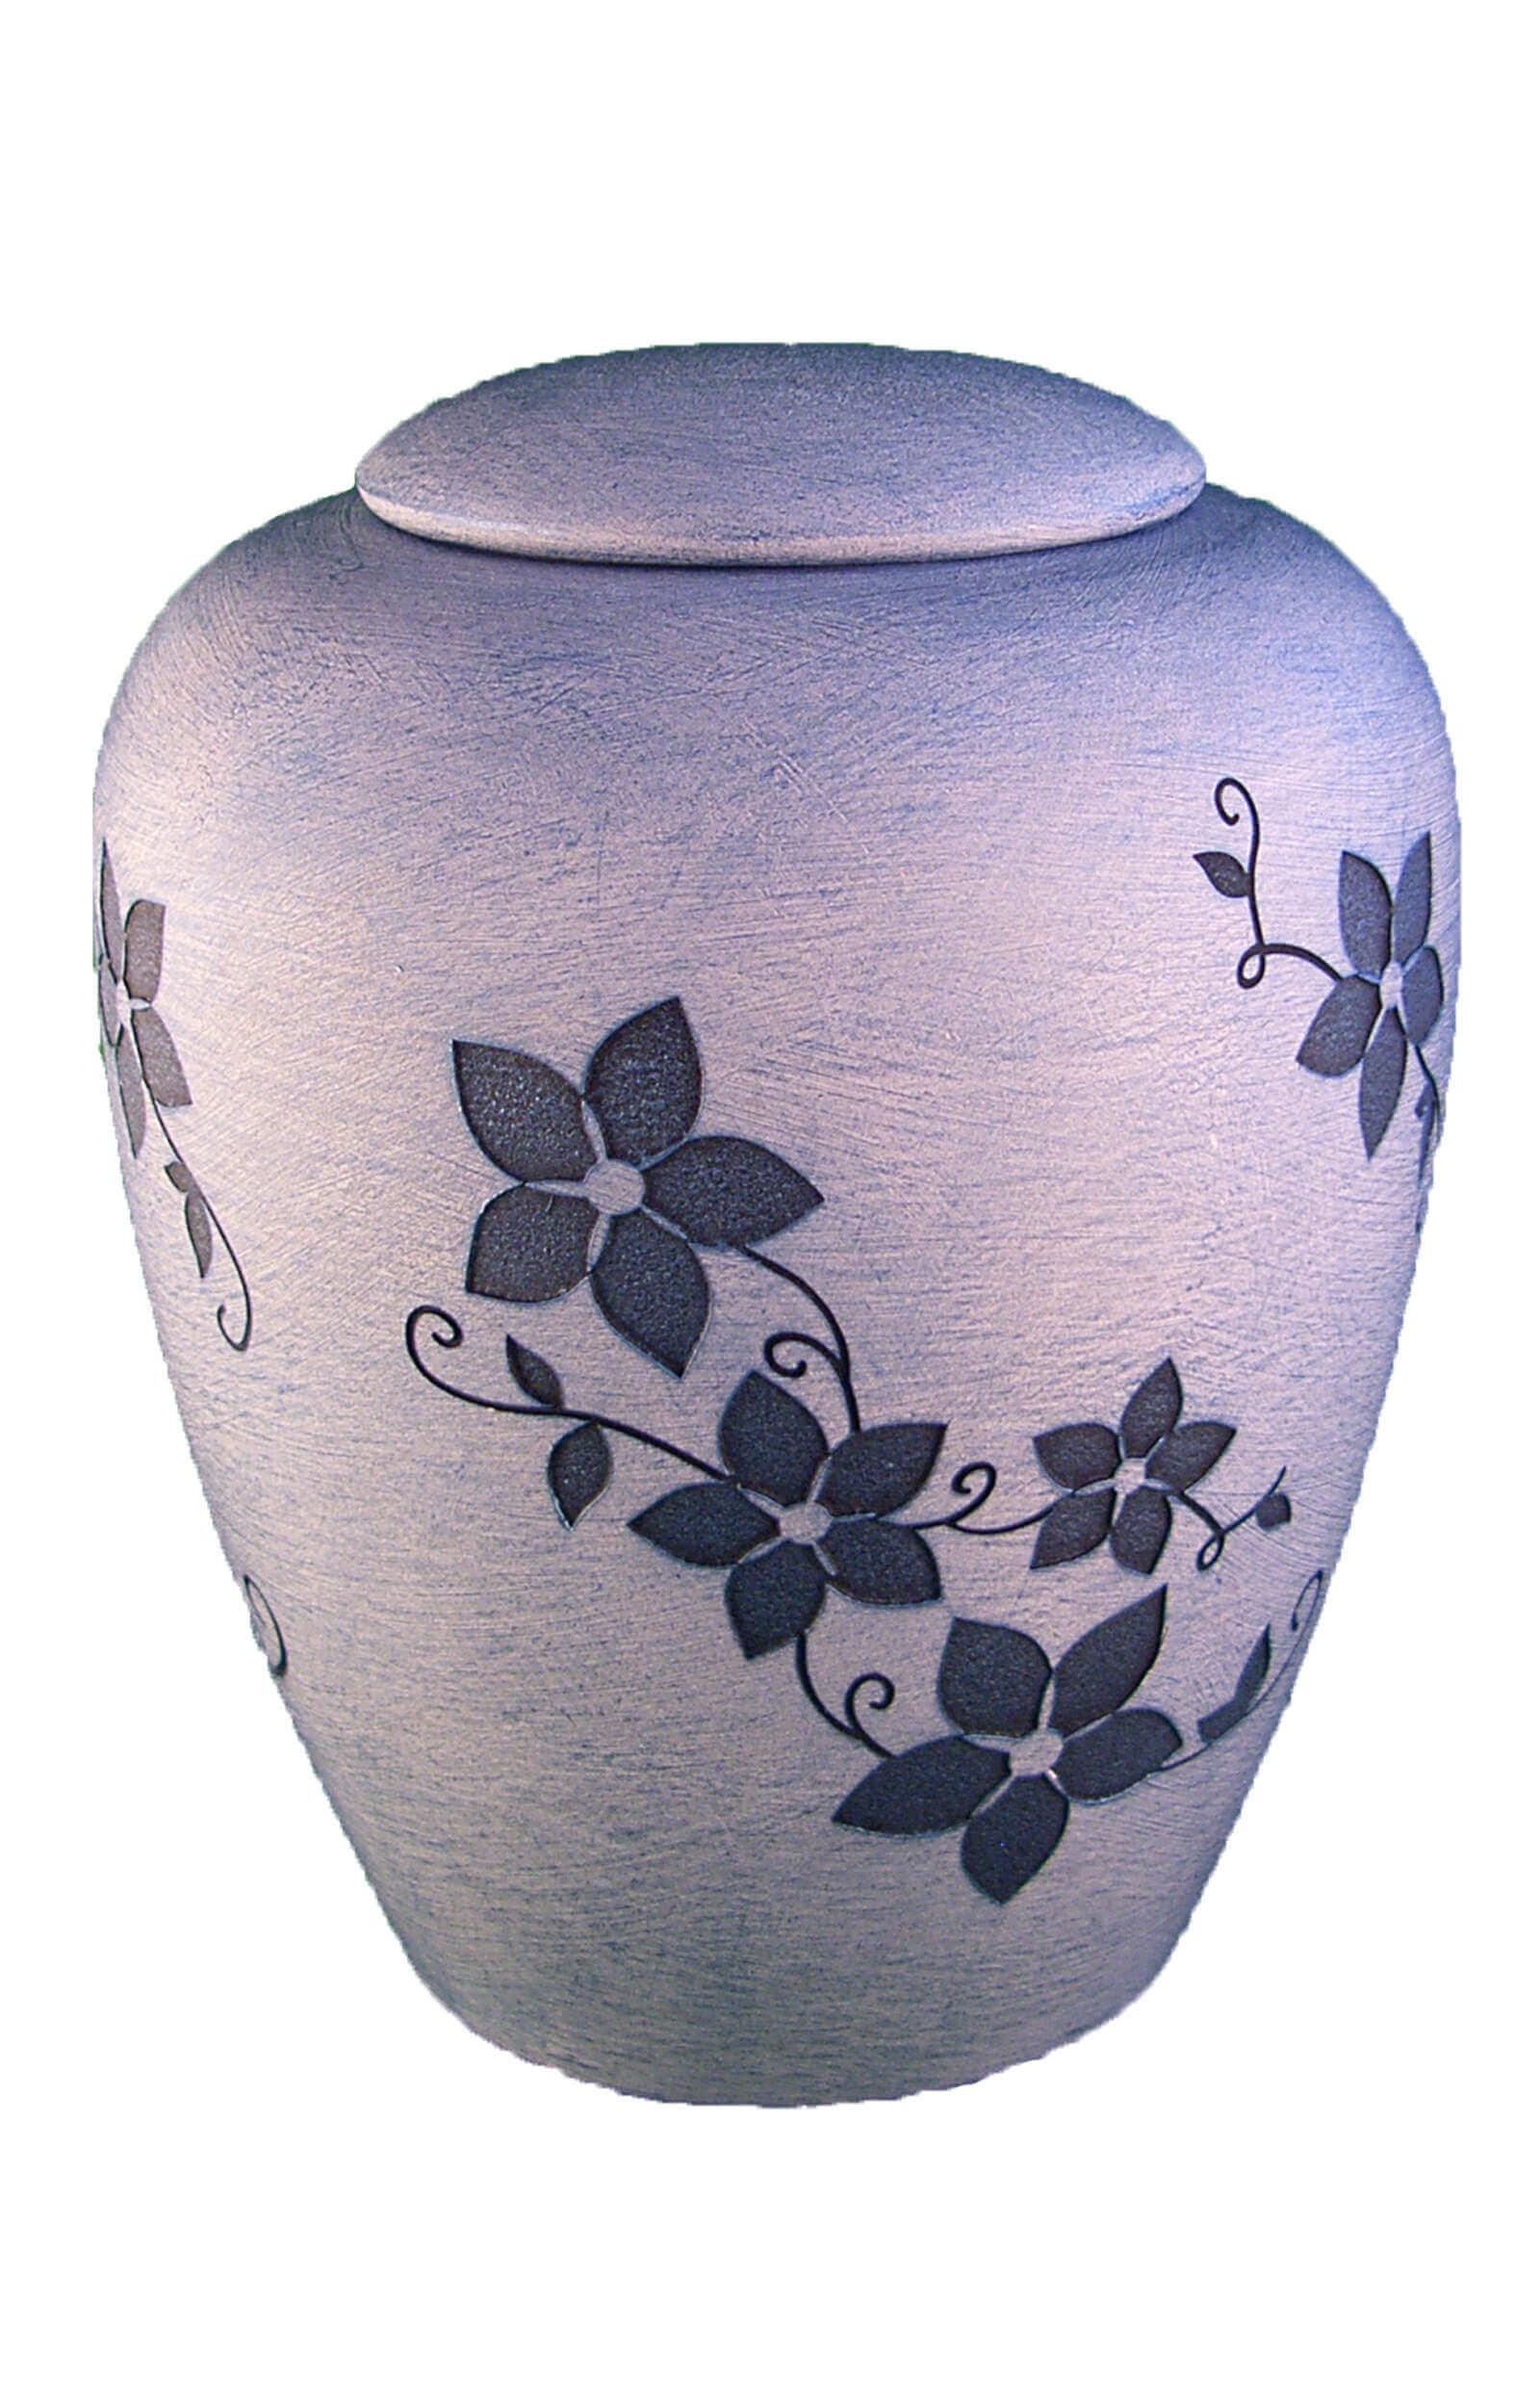 en K03 ceramic urn flower design light blue white